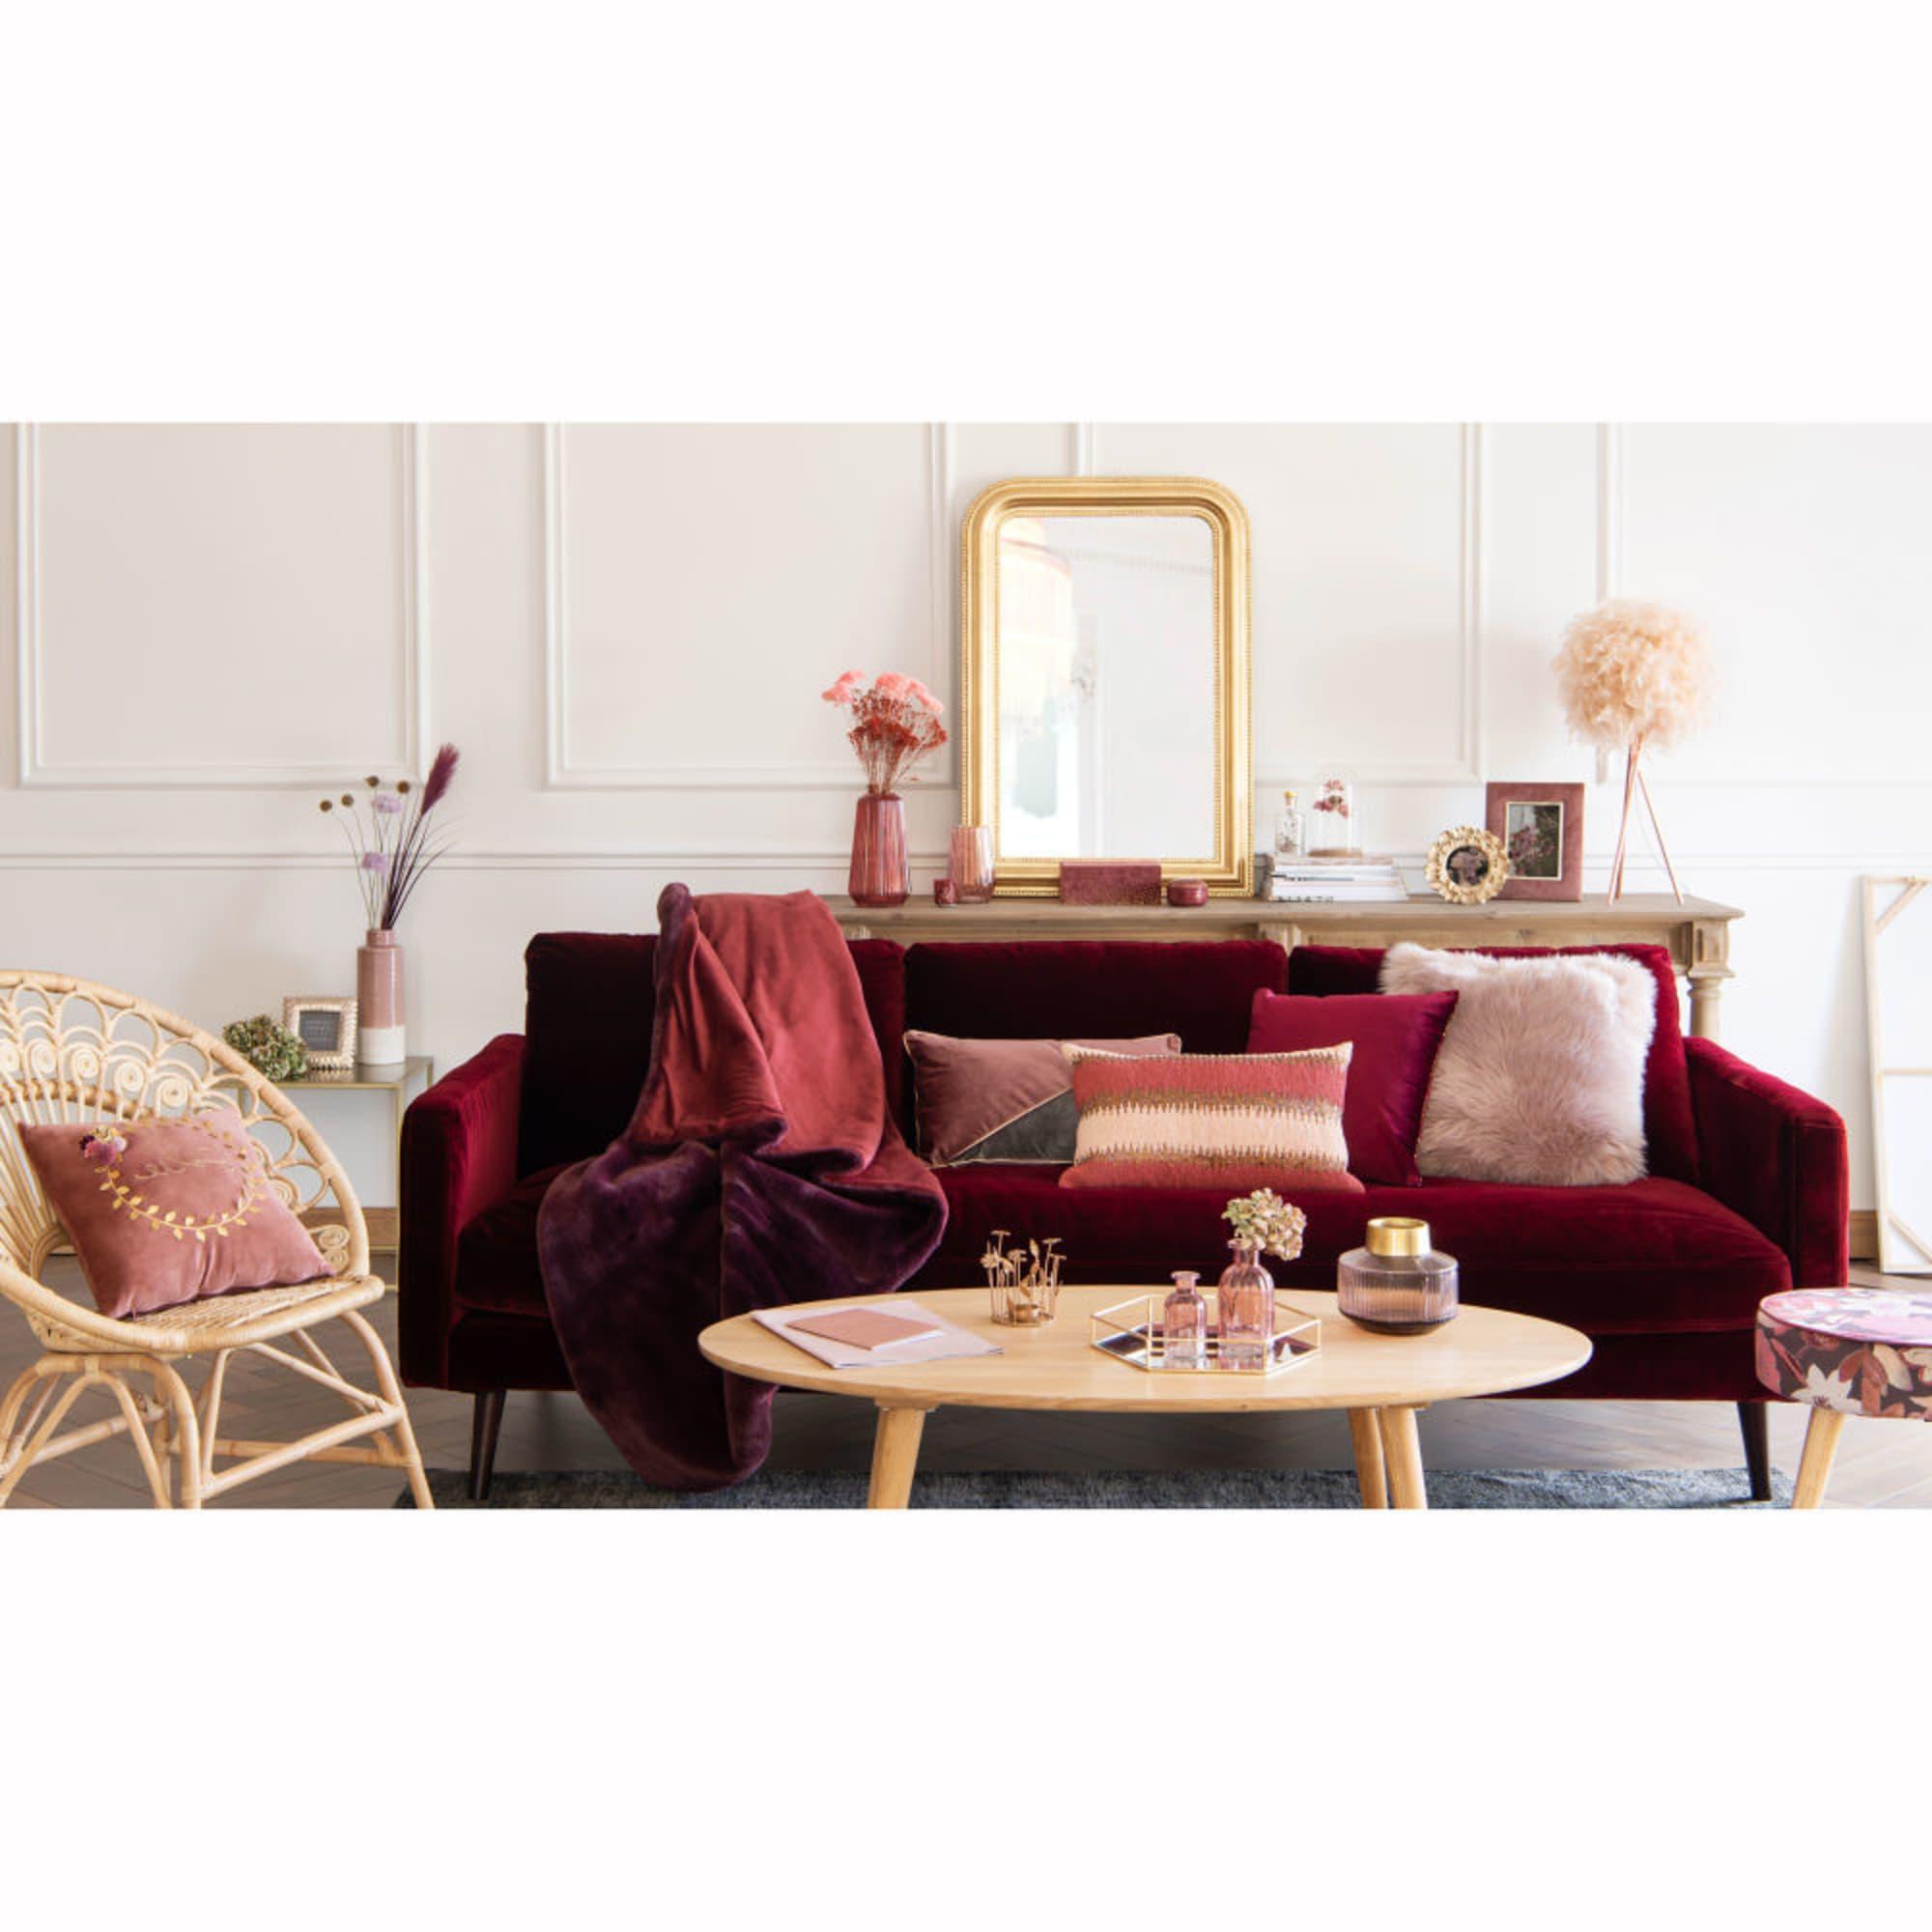 Luminaire Maison du monde - Lampe en métal et abat-jour en plumes roses pour le salon